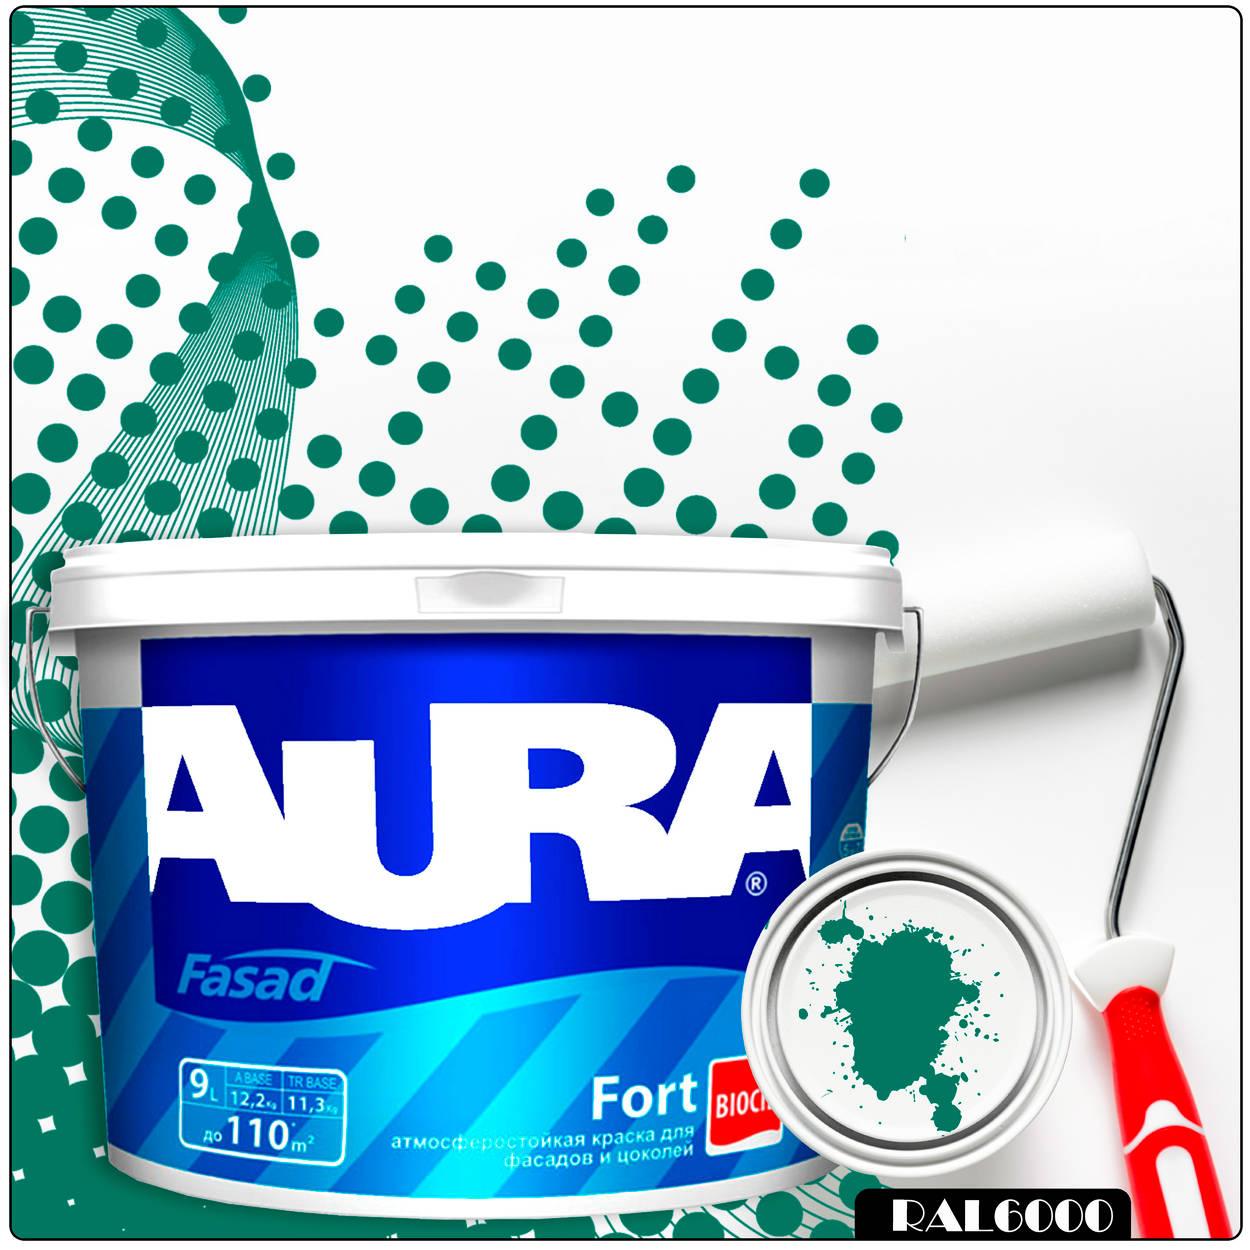 Фото 1 - Краска Aura Fasad Fort, RAL 6000 Платиново-зеленый, латексная, матовая, для фасада и цоколей, 9л, Аура.